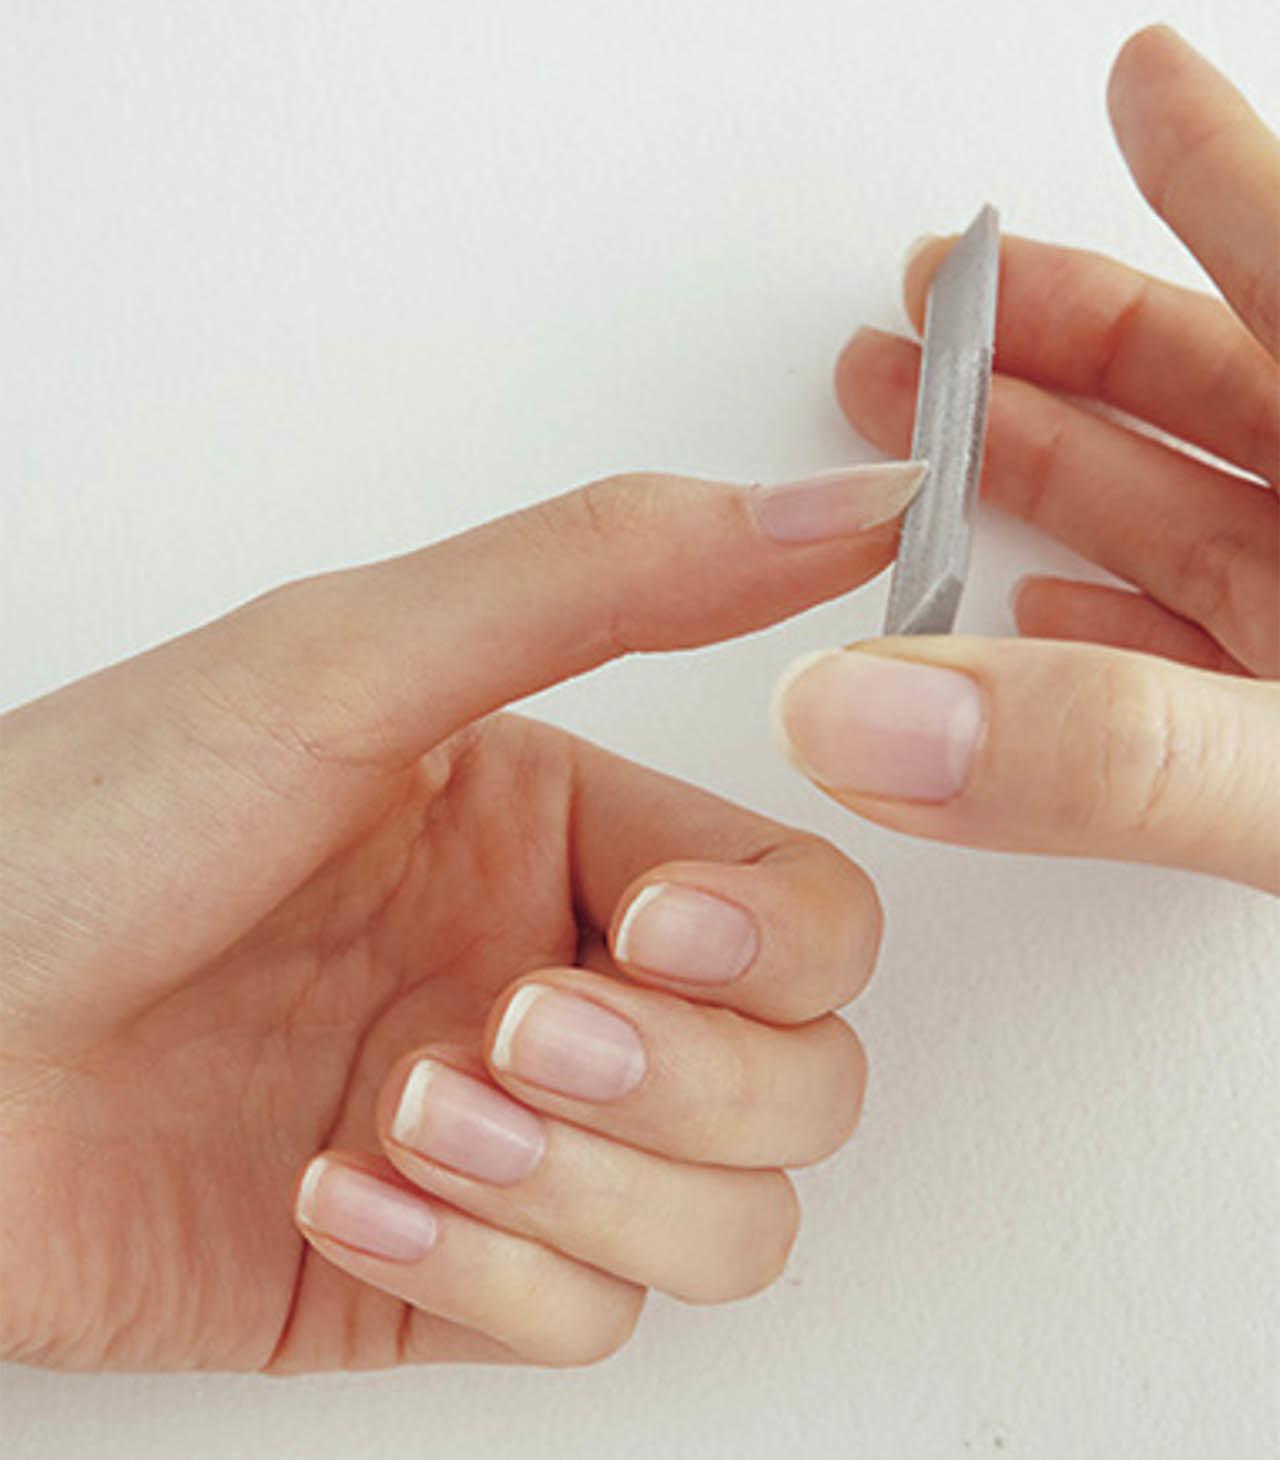 爪に対してやすりを45度の角度で当てて削る